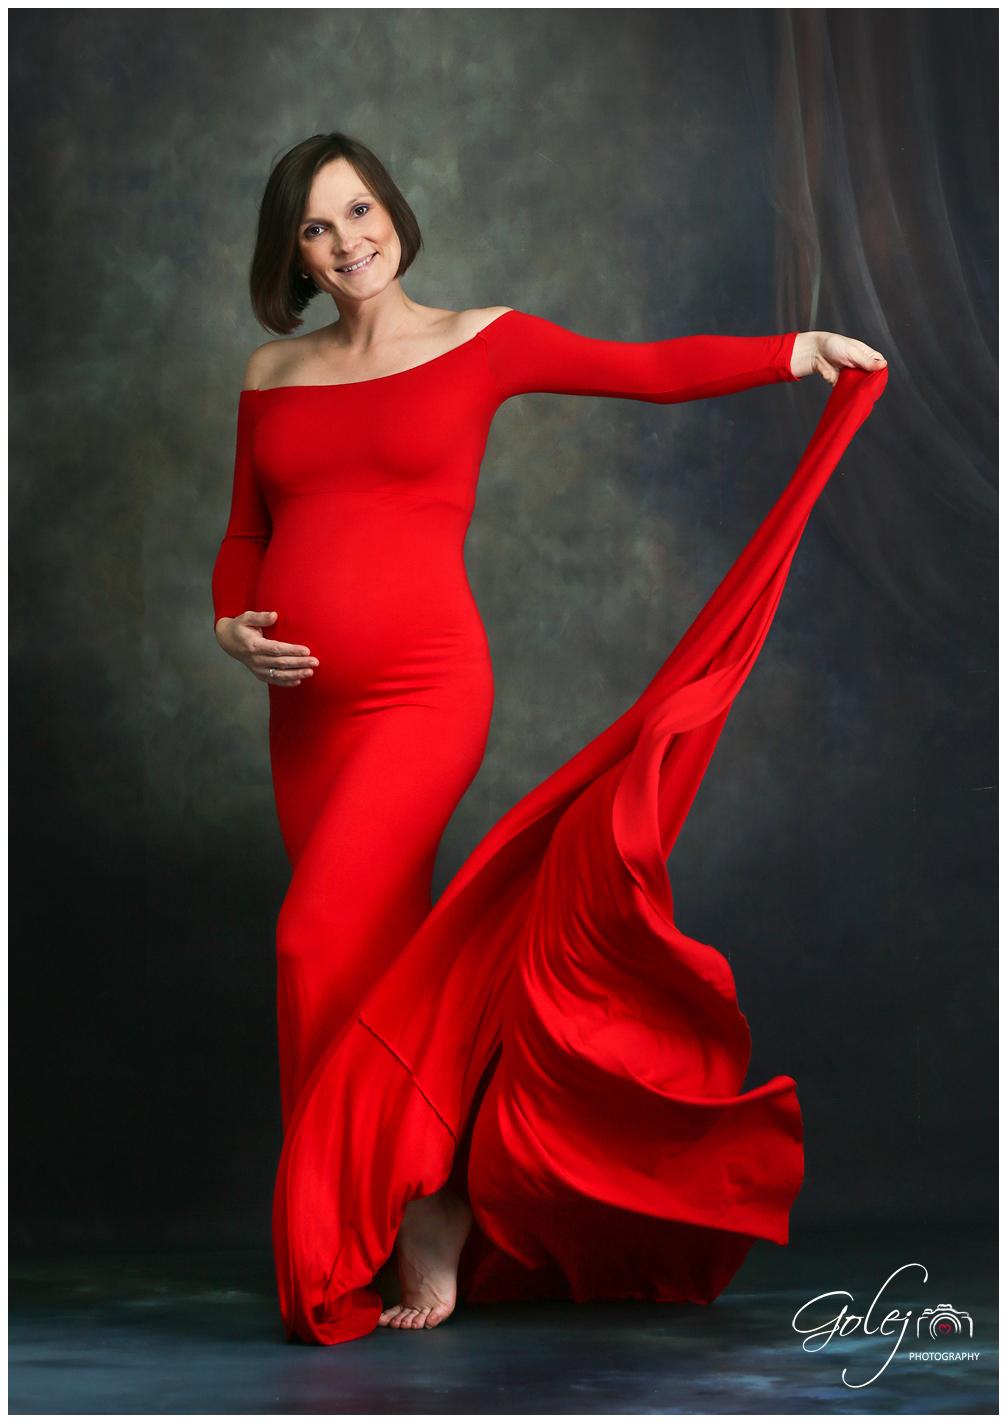 Cervene saty pre tehotne